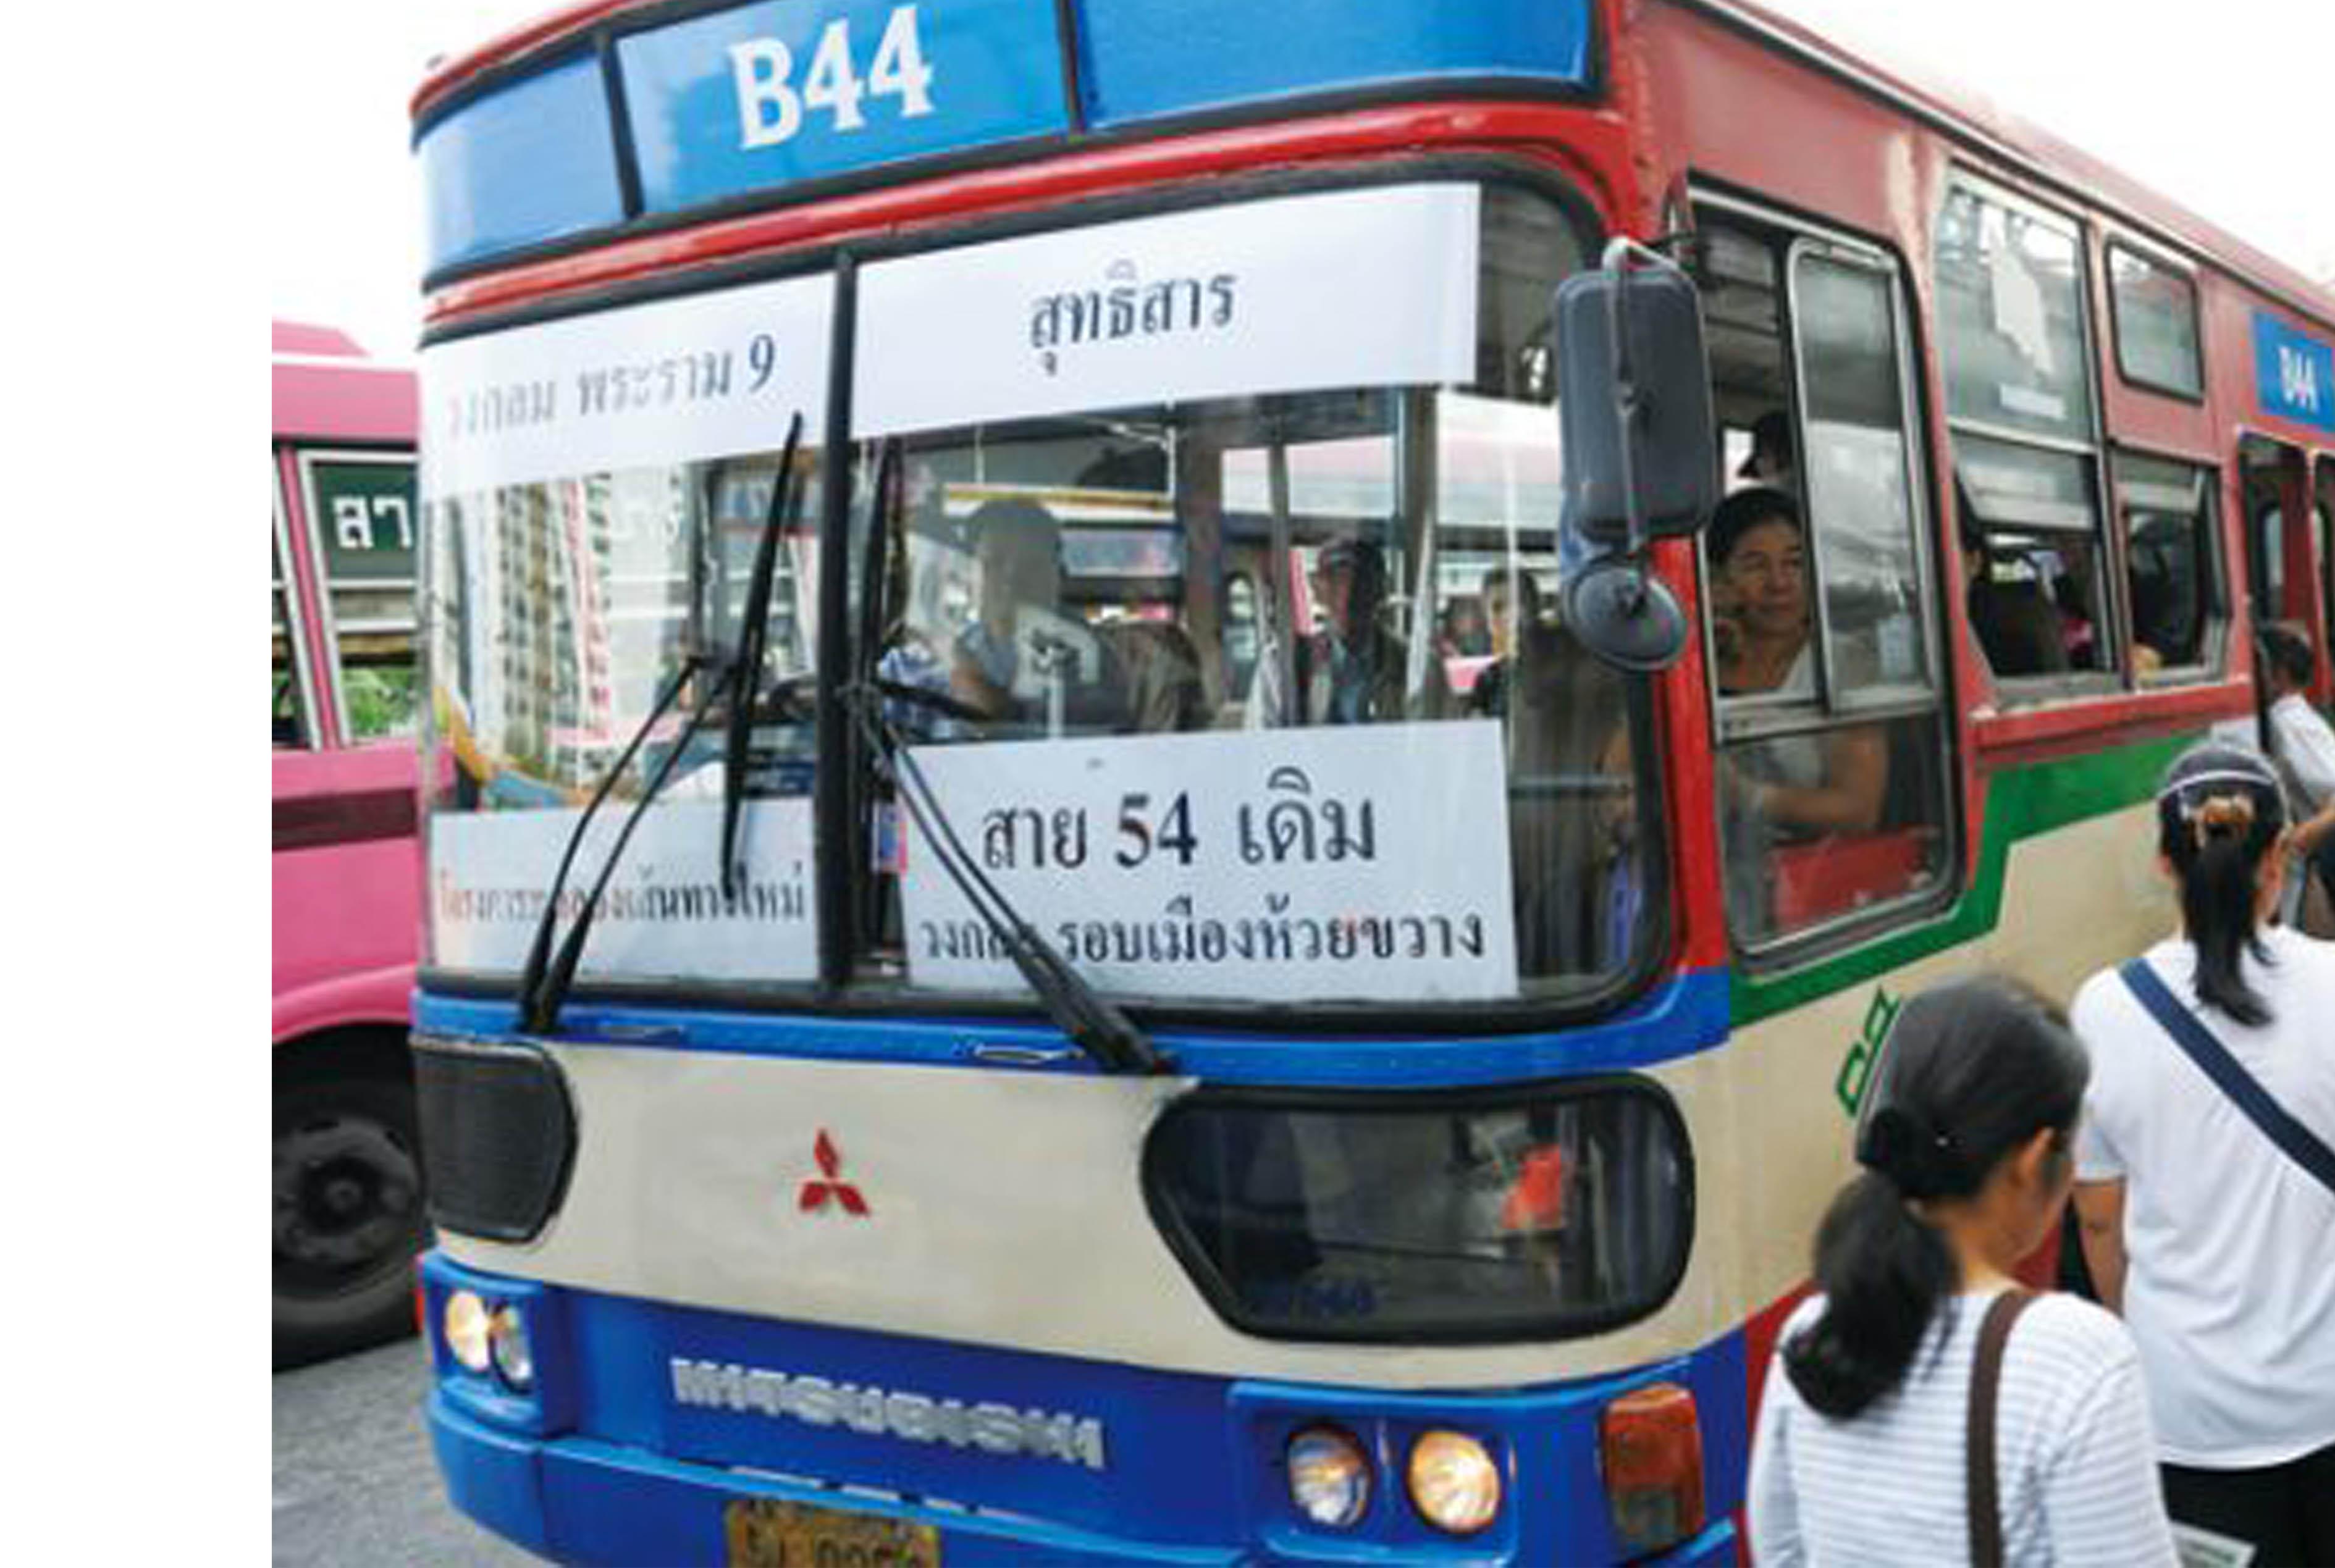 バンコクのバス新構想 - ワイズデジタル【タイで生活する人のための情報サイト】